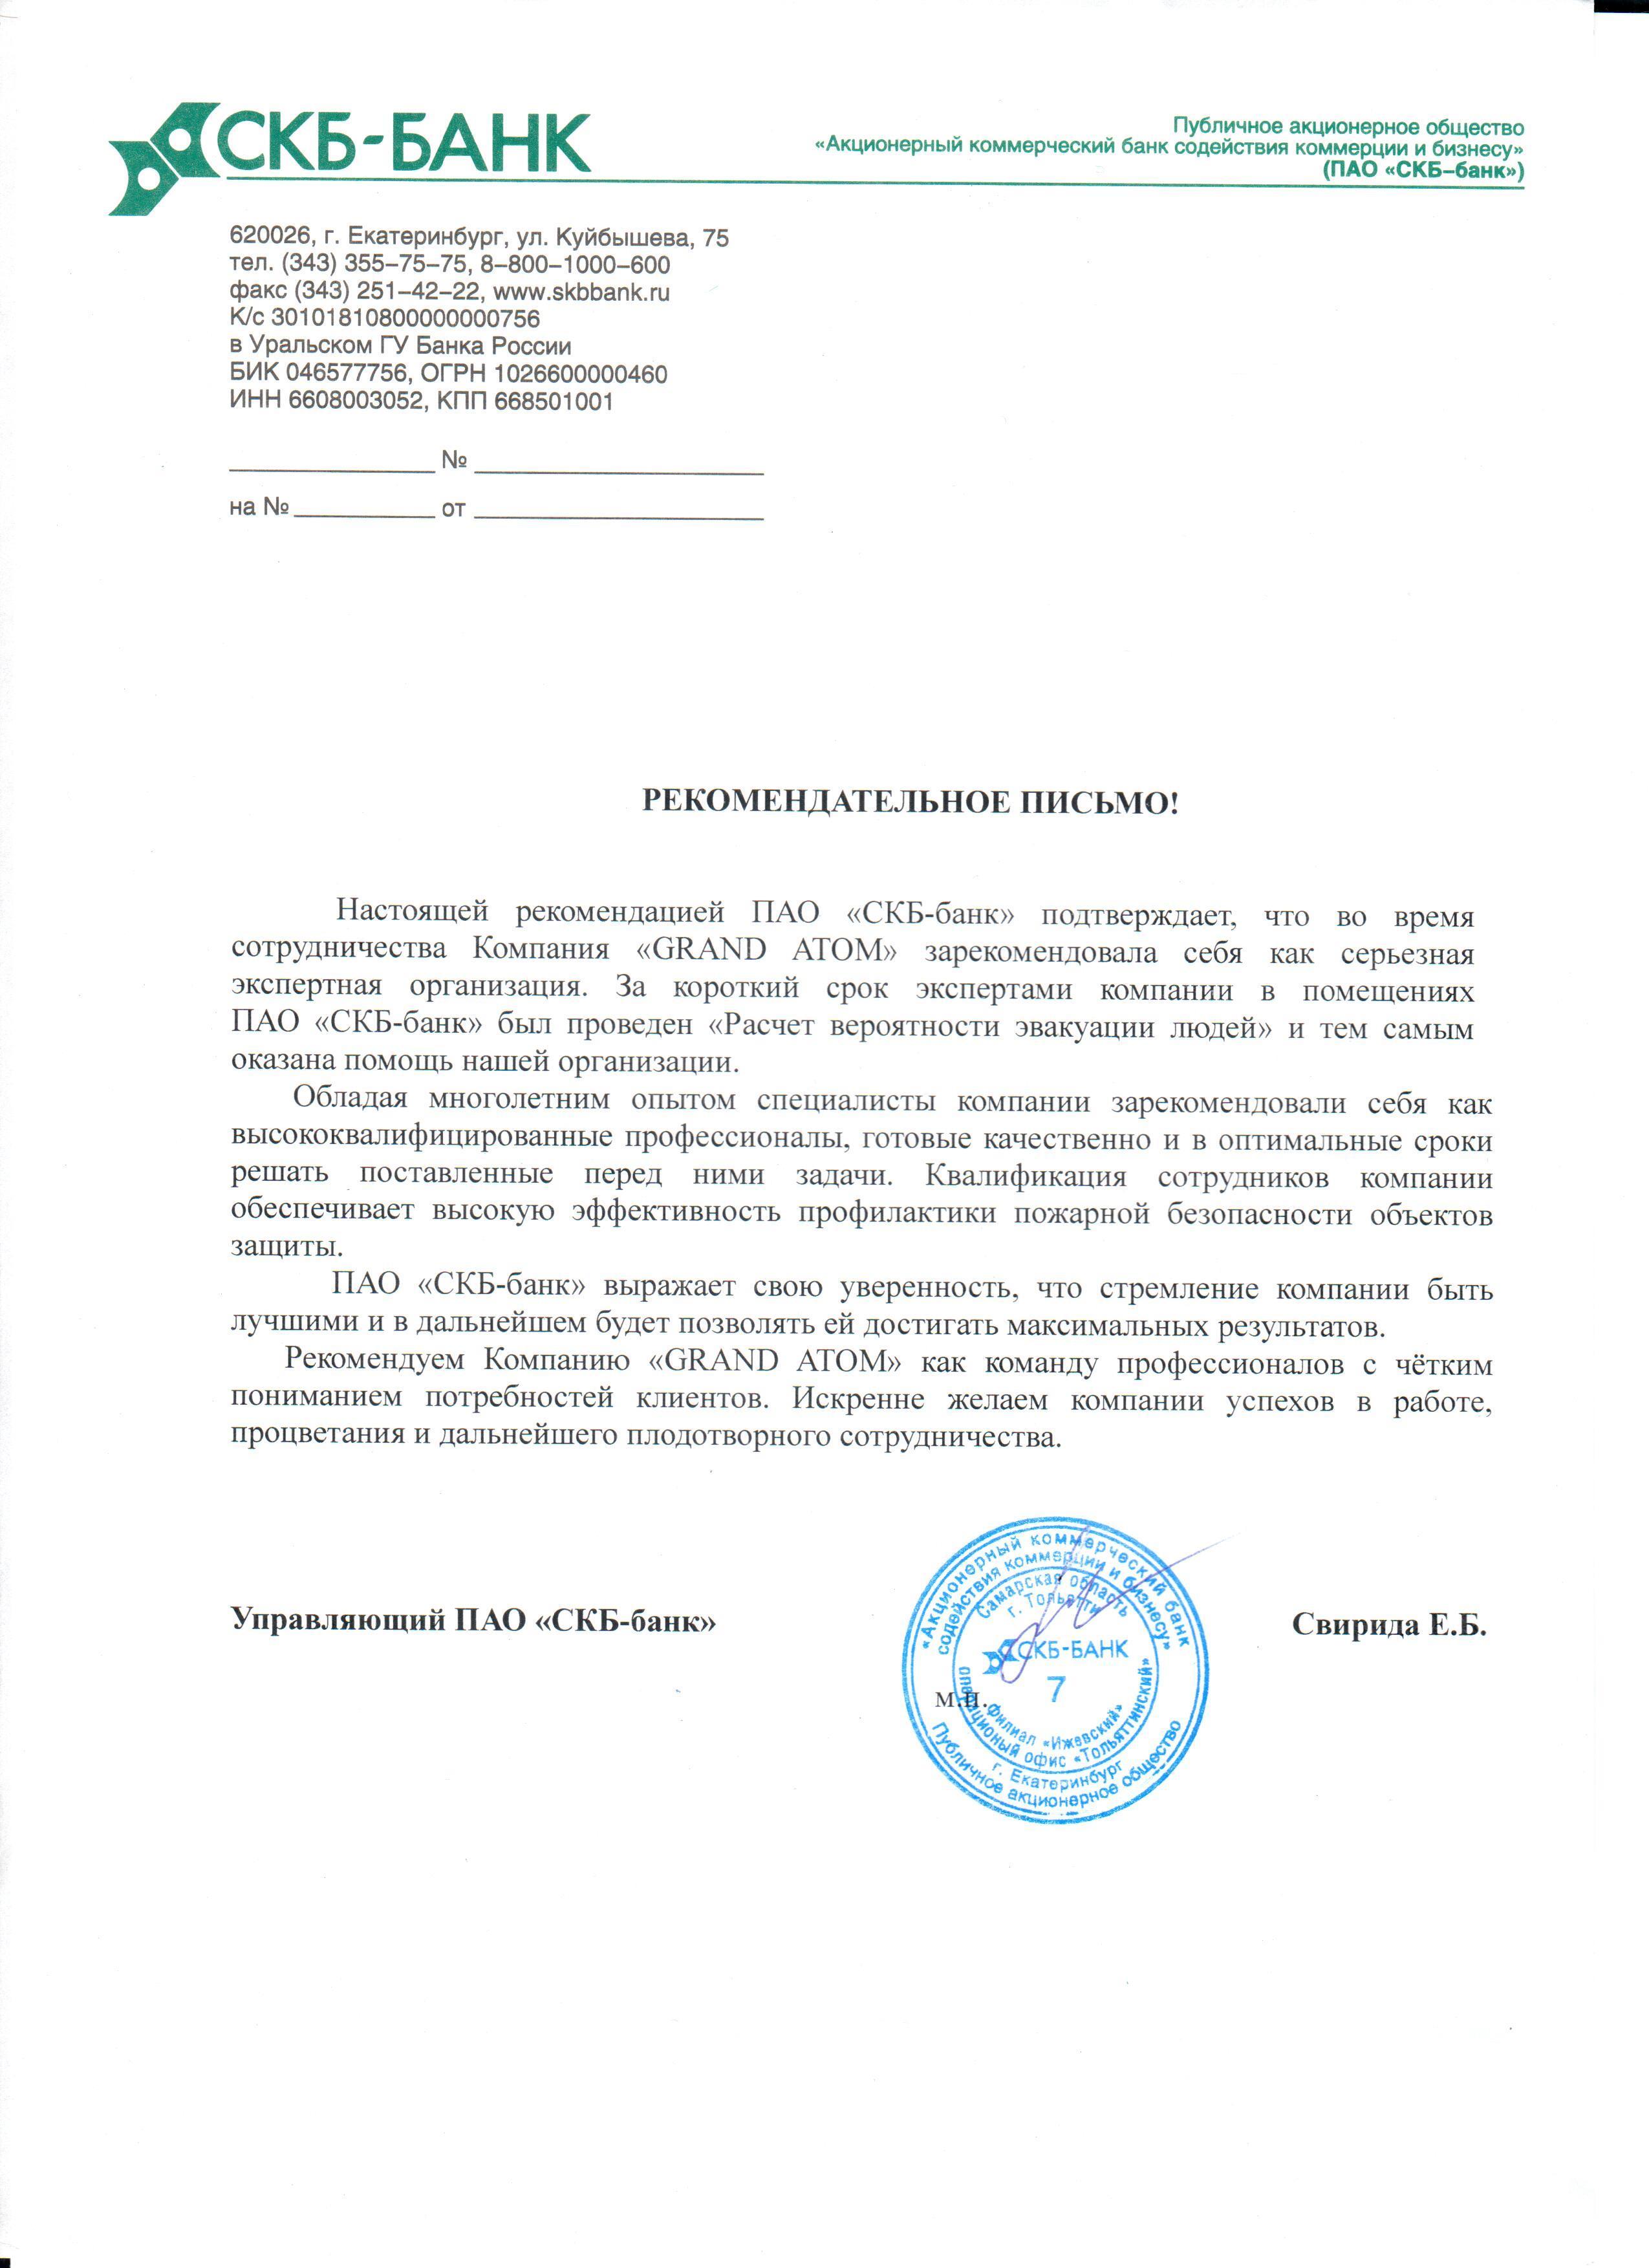 Рекомендательное письмо СКБ БАНК